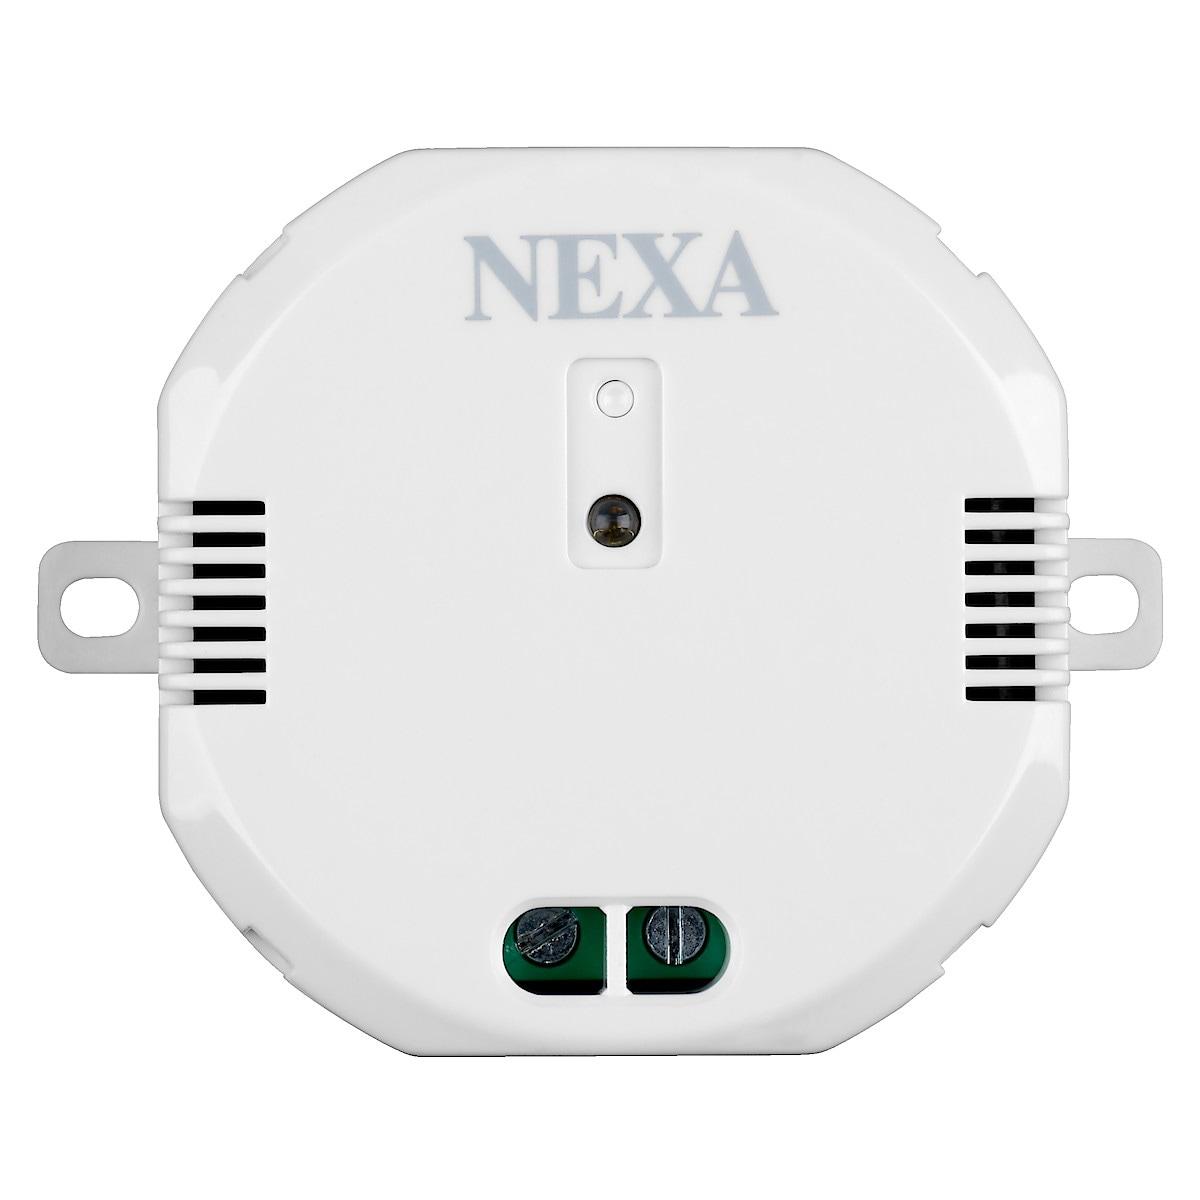 Nexa ECMR-250 innbyggingsmottaker, dimmer